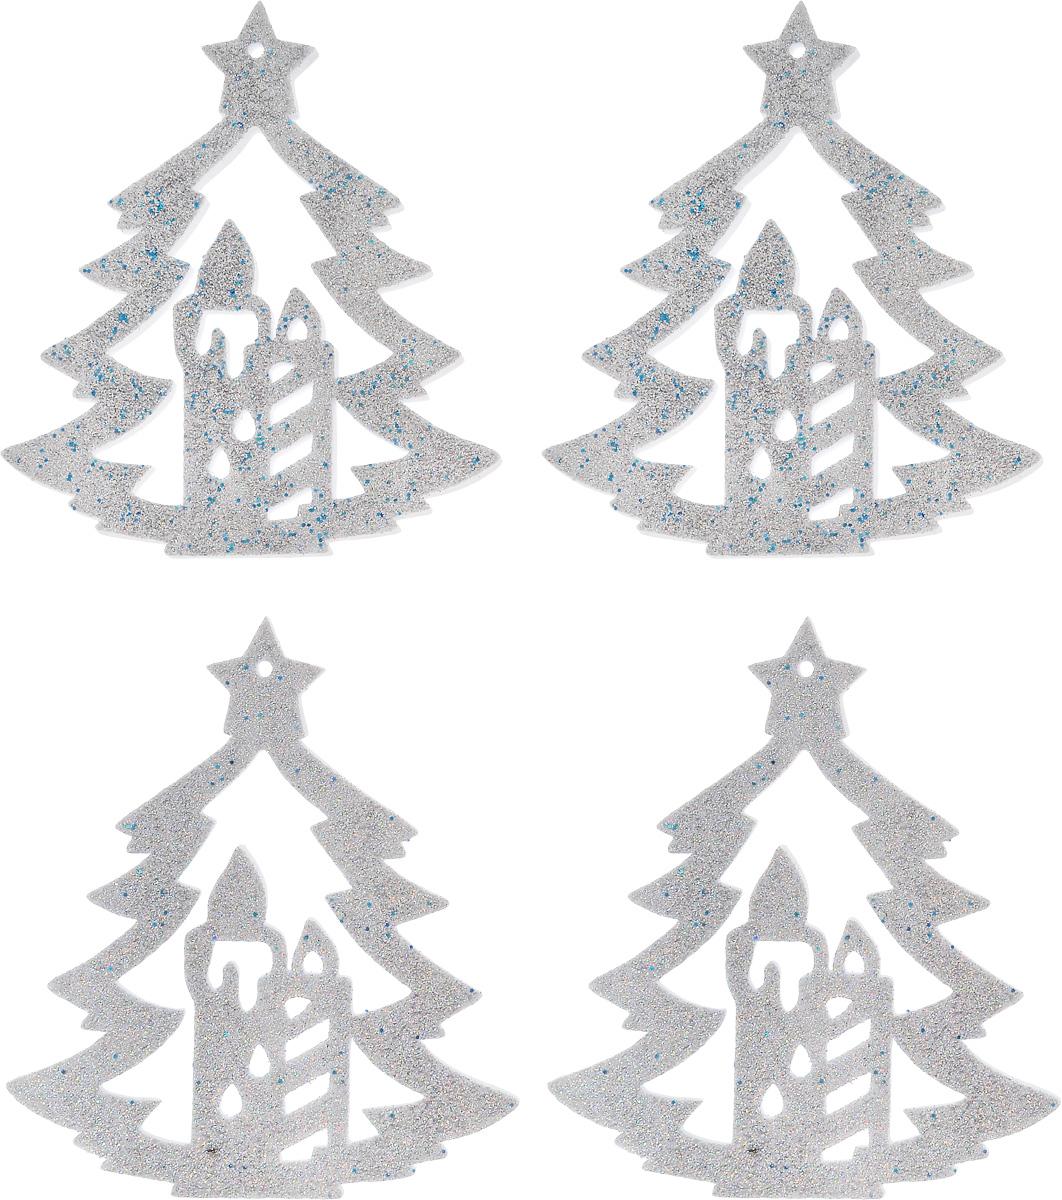 Набор новогодних подвесных украшений House & Holder Елка, цвет: серебристый, 4 штY68-8314/3RНабор подвесных украшений House & Holder Елка прекрасно подойдет для праздничного декора новогодней ели. Набор состоит из 4 пластиковых украшений. Елочная игрушка - символ Нового года. Она несет в себе волшебство и красоту праздника. Создайте в своем доме атмосферу веселья и радости, украшая новогоднюю елку нарядными игрушками, которые будут из года в год накапливать теплоту воспоминаний. Откройте для себя удивительный мир сказок и грез. Почувствуйте волшебные минуты ожидания праздника, создайте новогоднее настроение вашим дорогим и близким. Размер: 11 х 0,5 х 12,5 см.